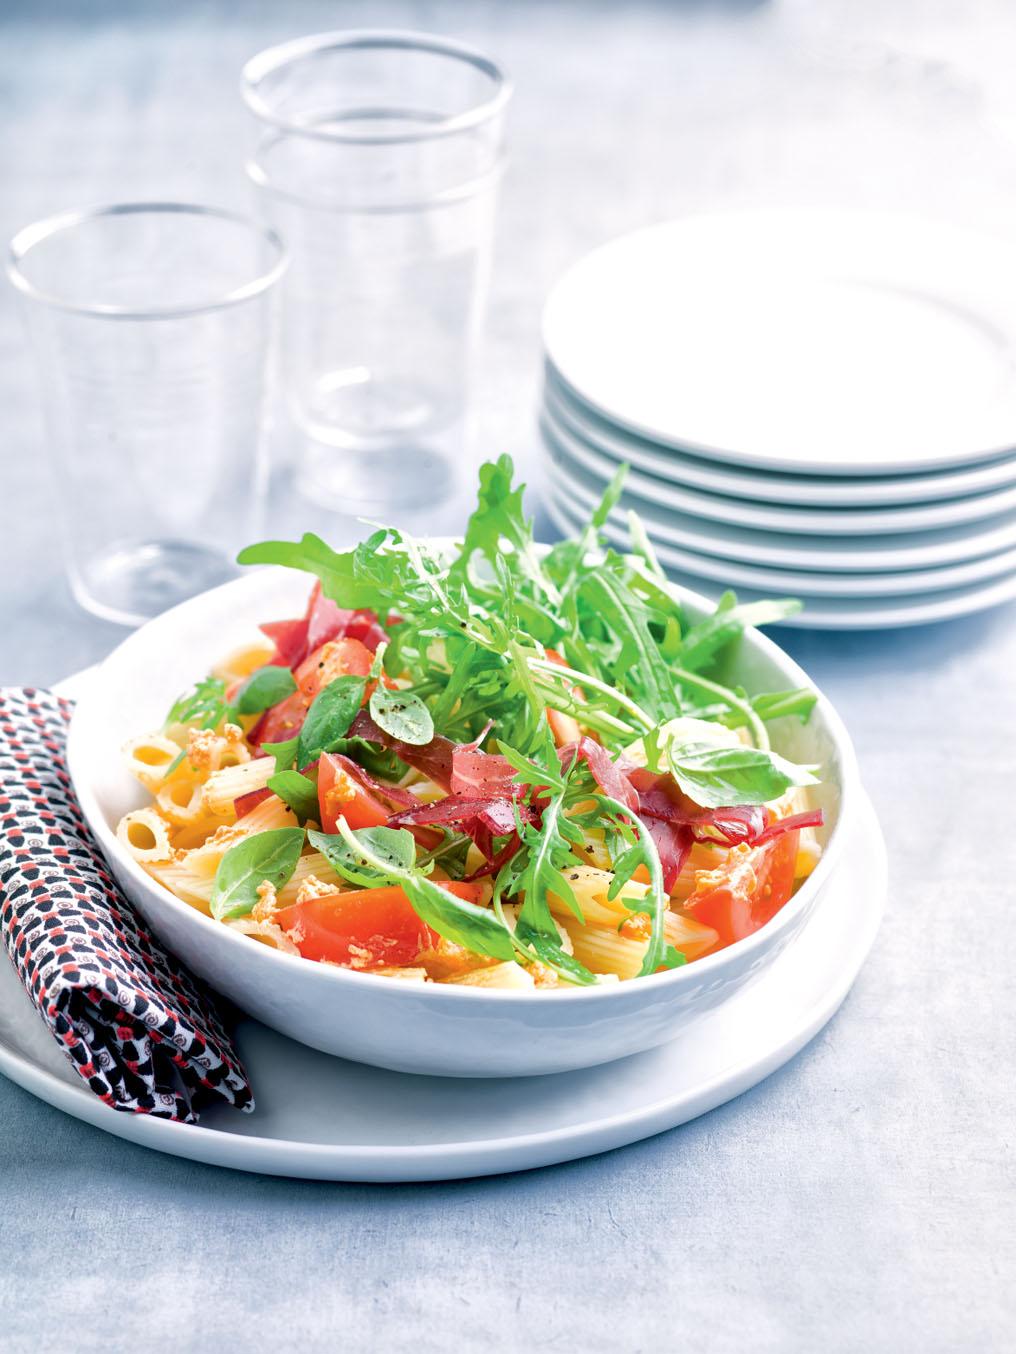 Salade de penne aux deux tomates, bresaola et basilic